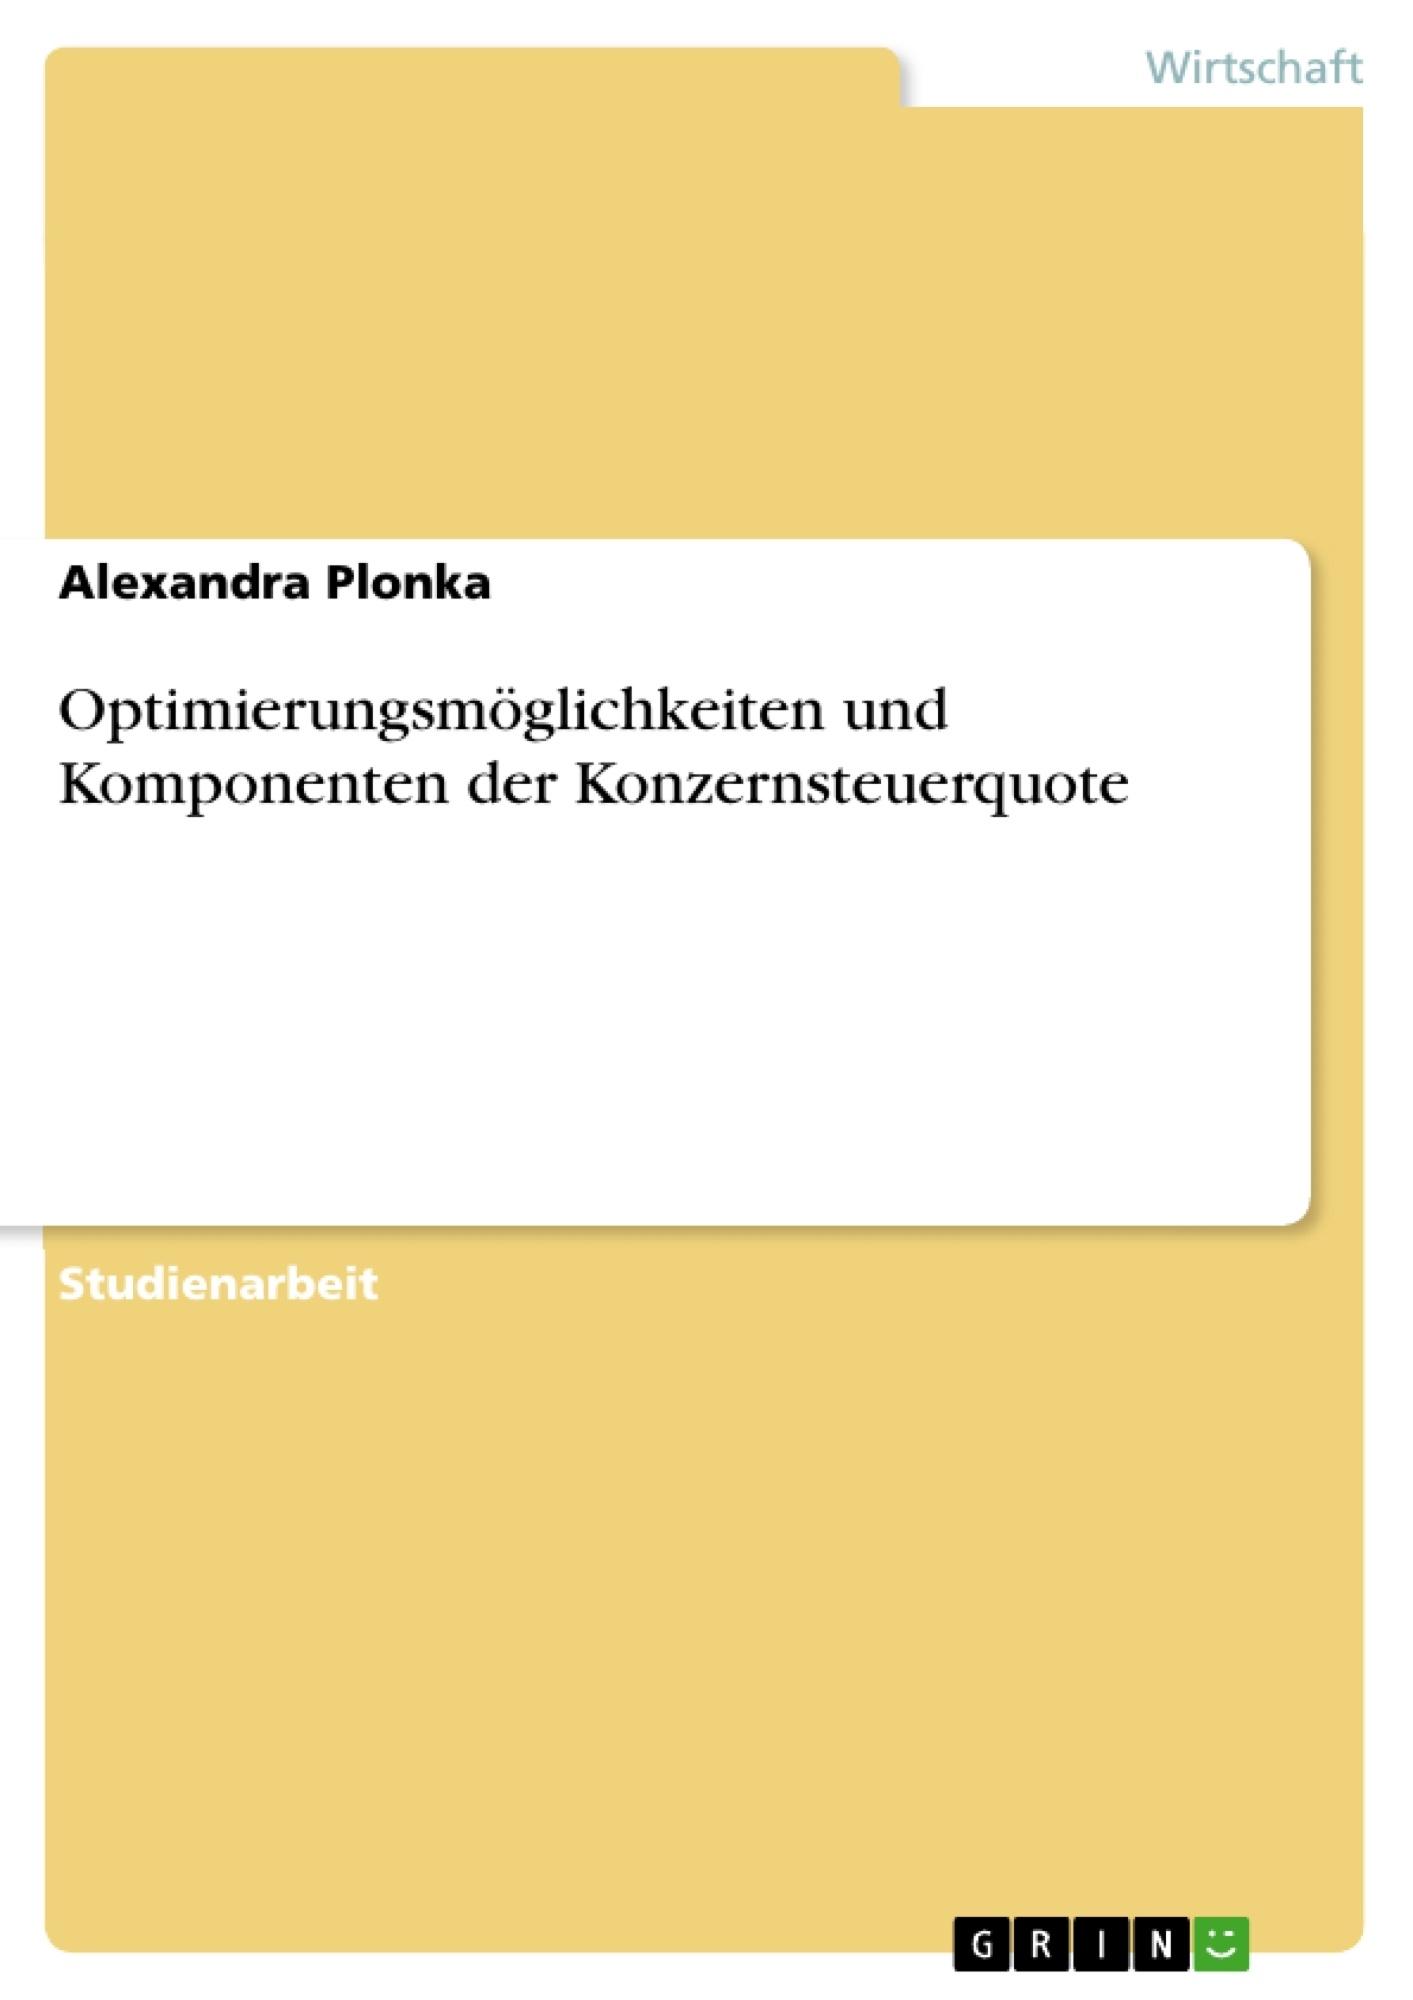 Titel: Optimierungsmöglichkeiten und Komponenten der Konzernsteuerquote